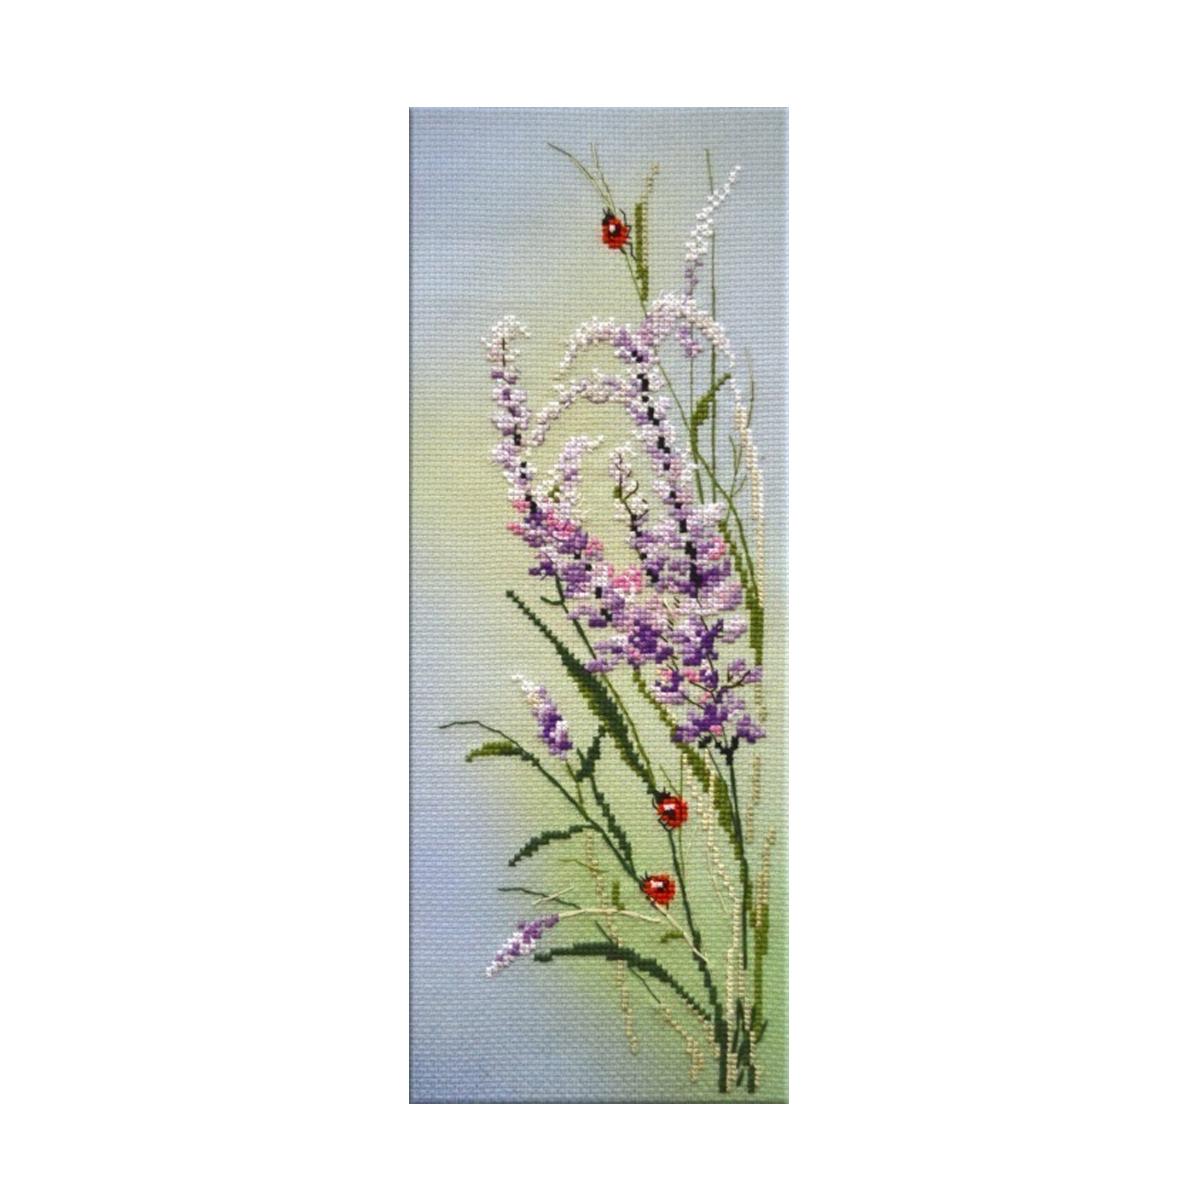 Набор для вышивания крестом Овен Полевые цветы, 11 х 32 см486417Наборы для вышивания Овен - это яркие и красочные мотивы, работа над которыми принесет вам удовольствие. В состав набора для вышивания Полевые цветы входит: канва Аида № 14 с нанесенным рисунком, нитки мулине - 14 цветов, игла.